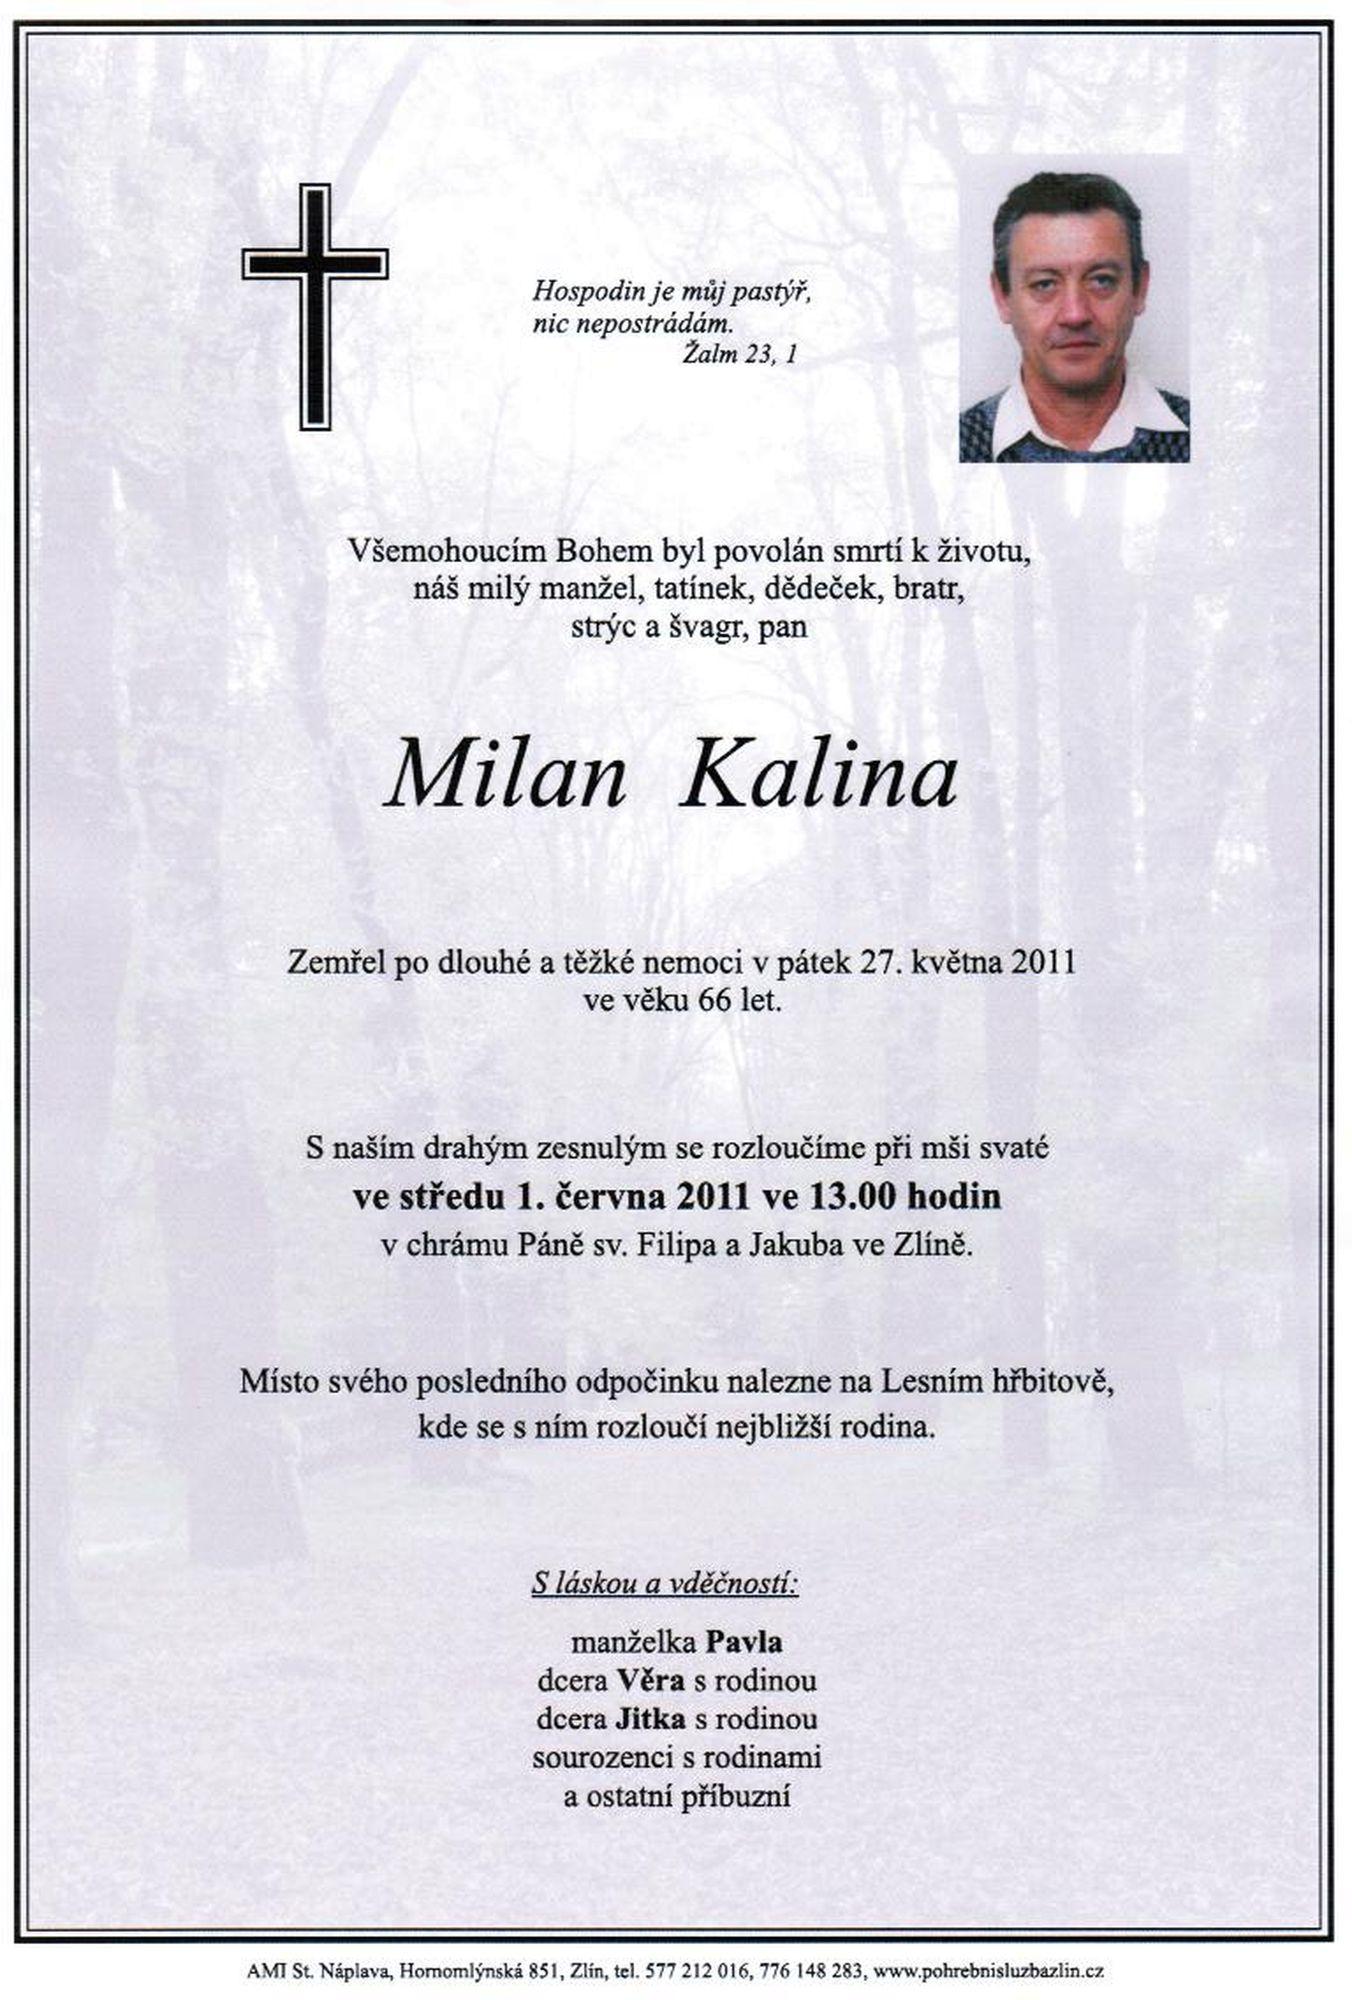 Milan Kalina